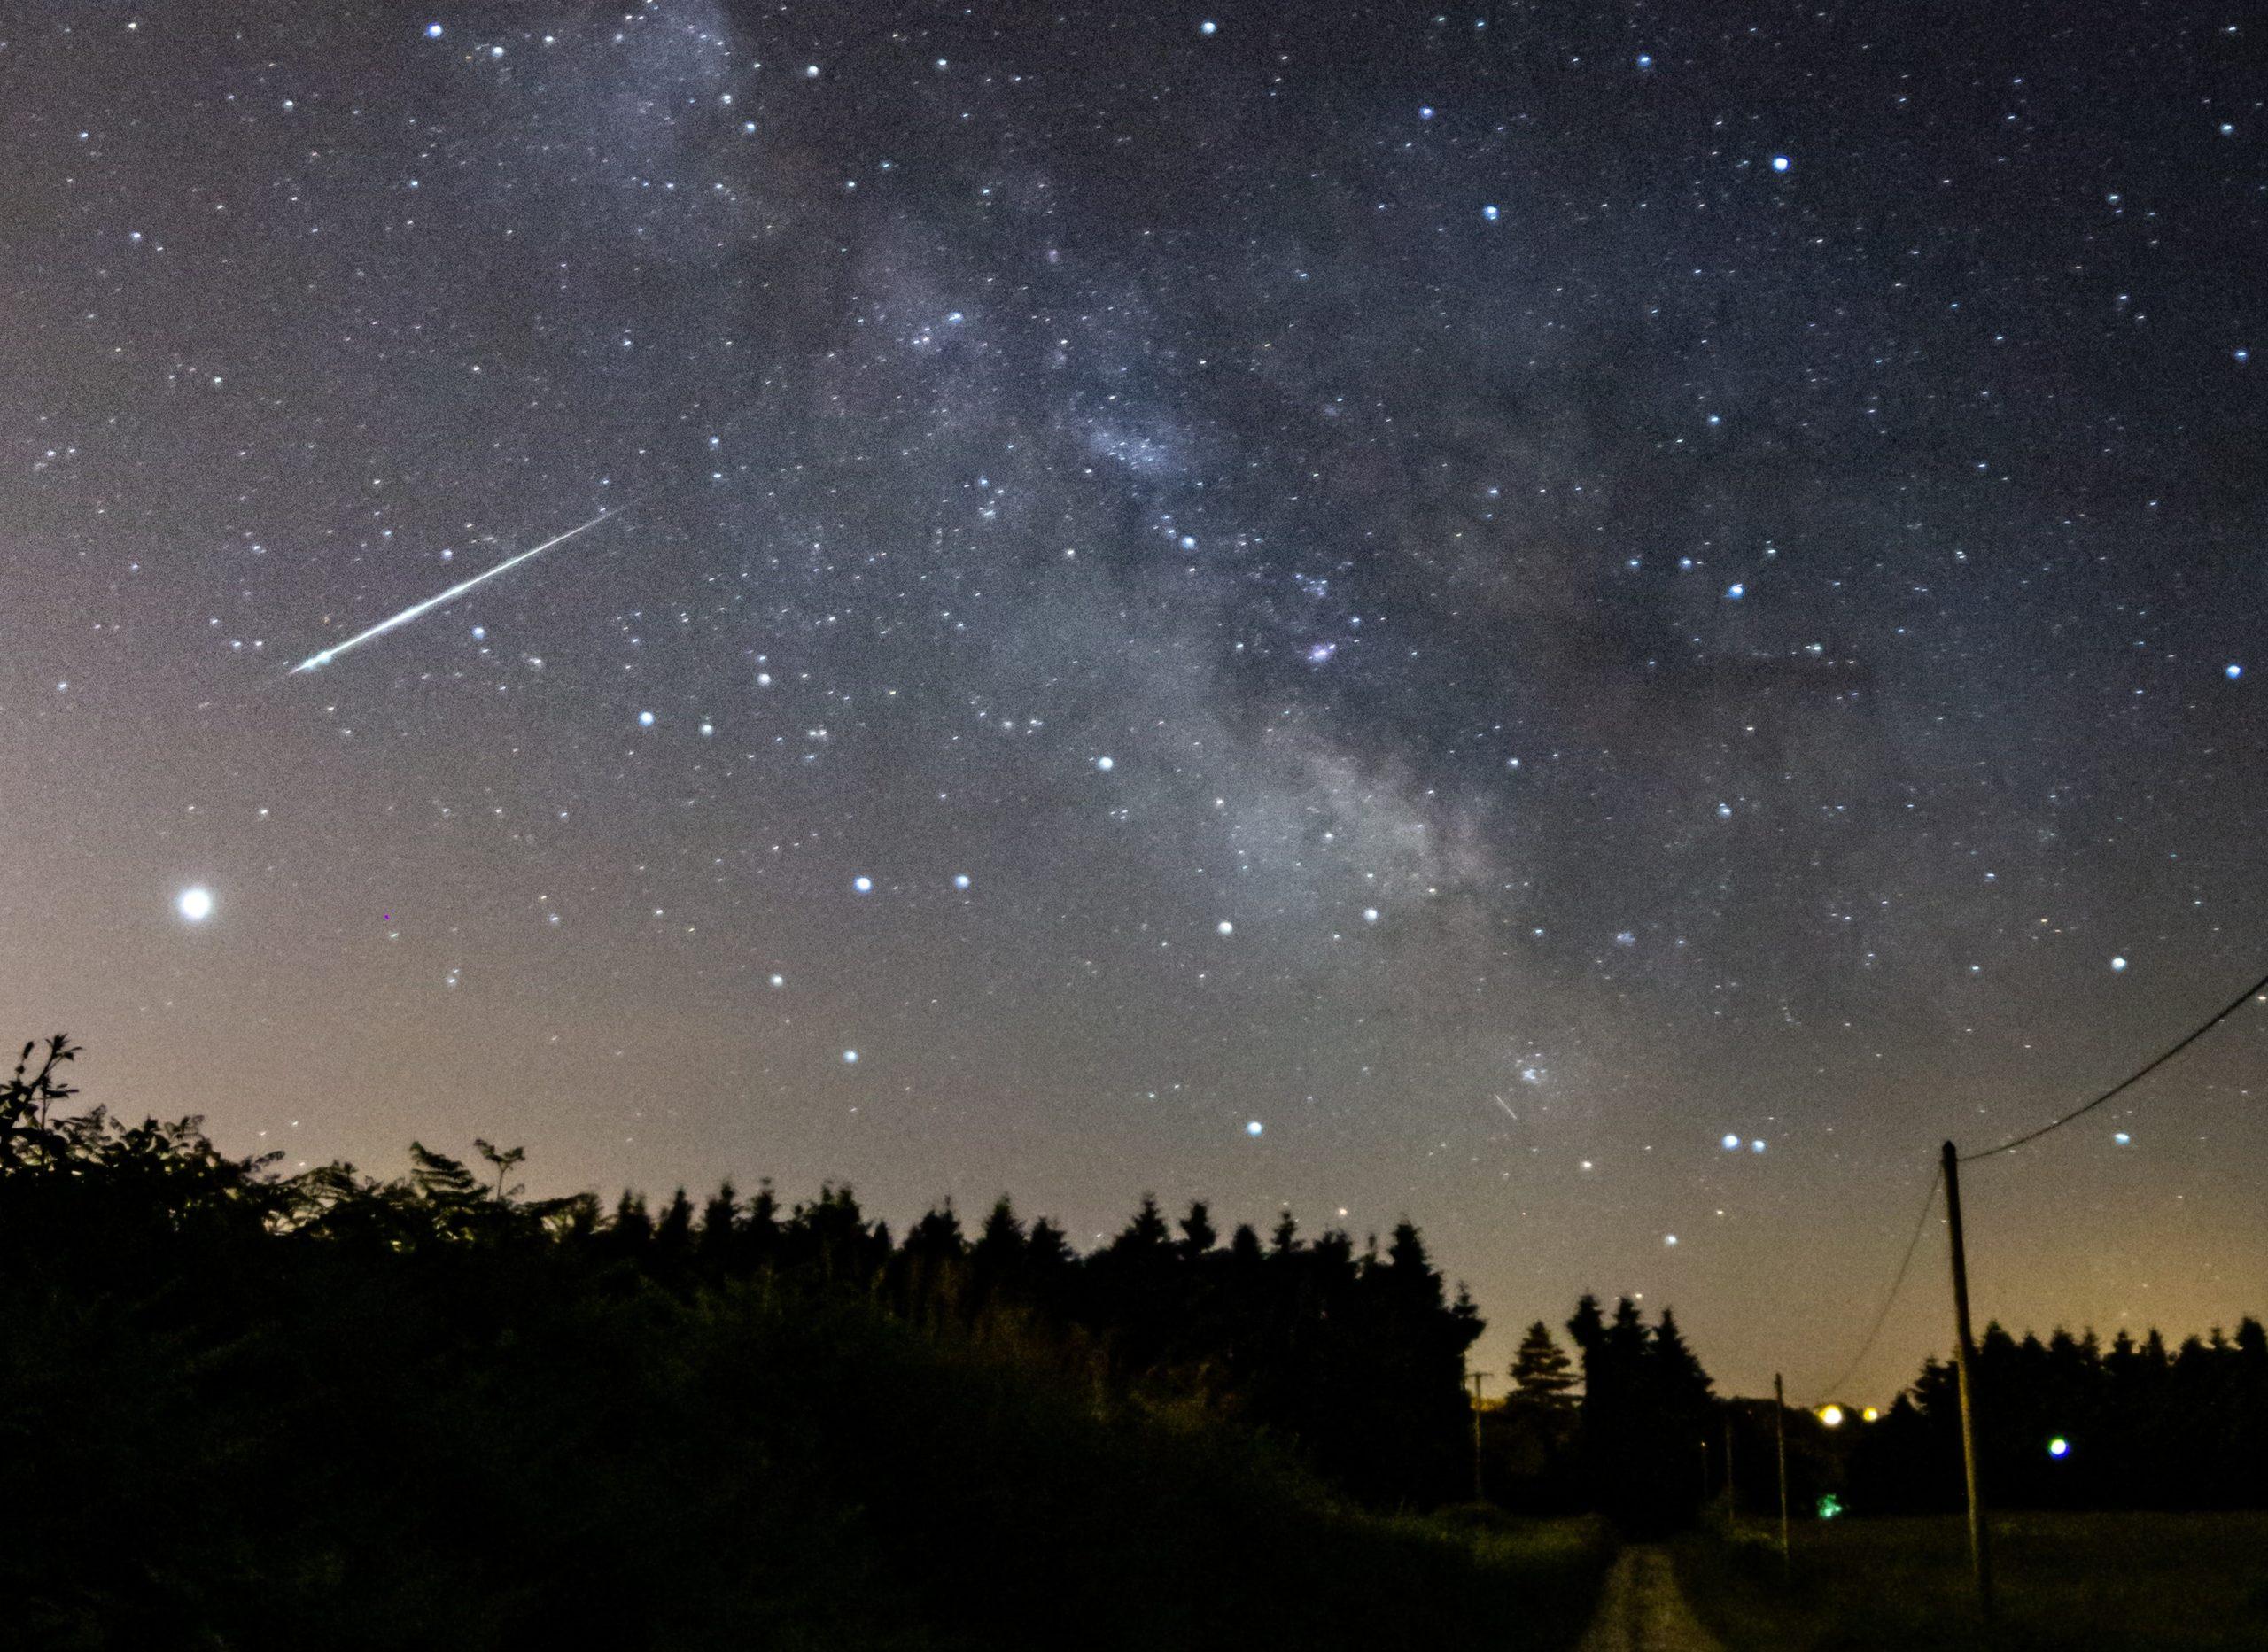 Conoce la historia del reciente avistamiento de un meteorito al noreste de México